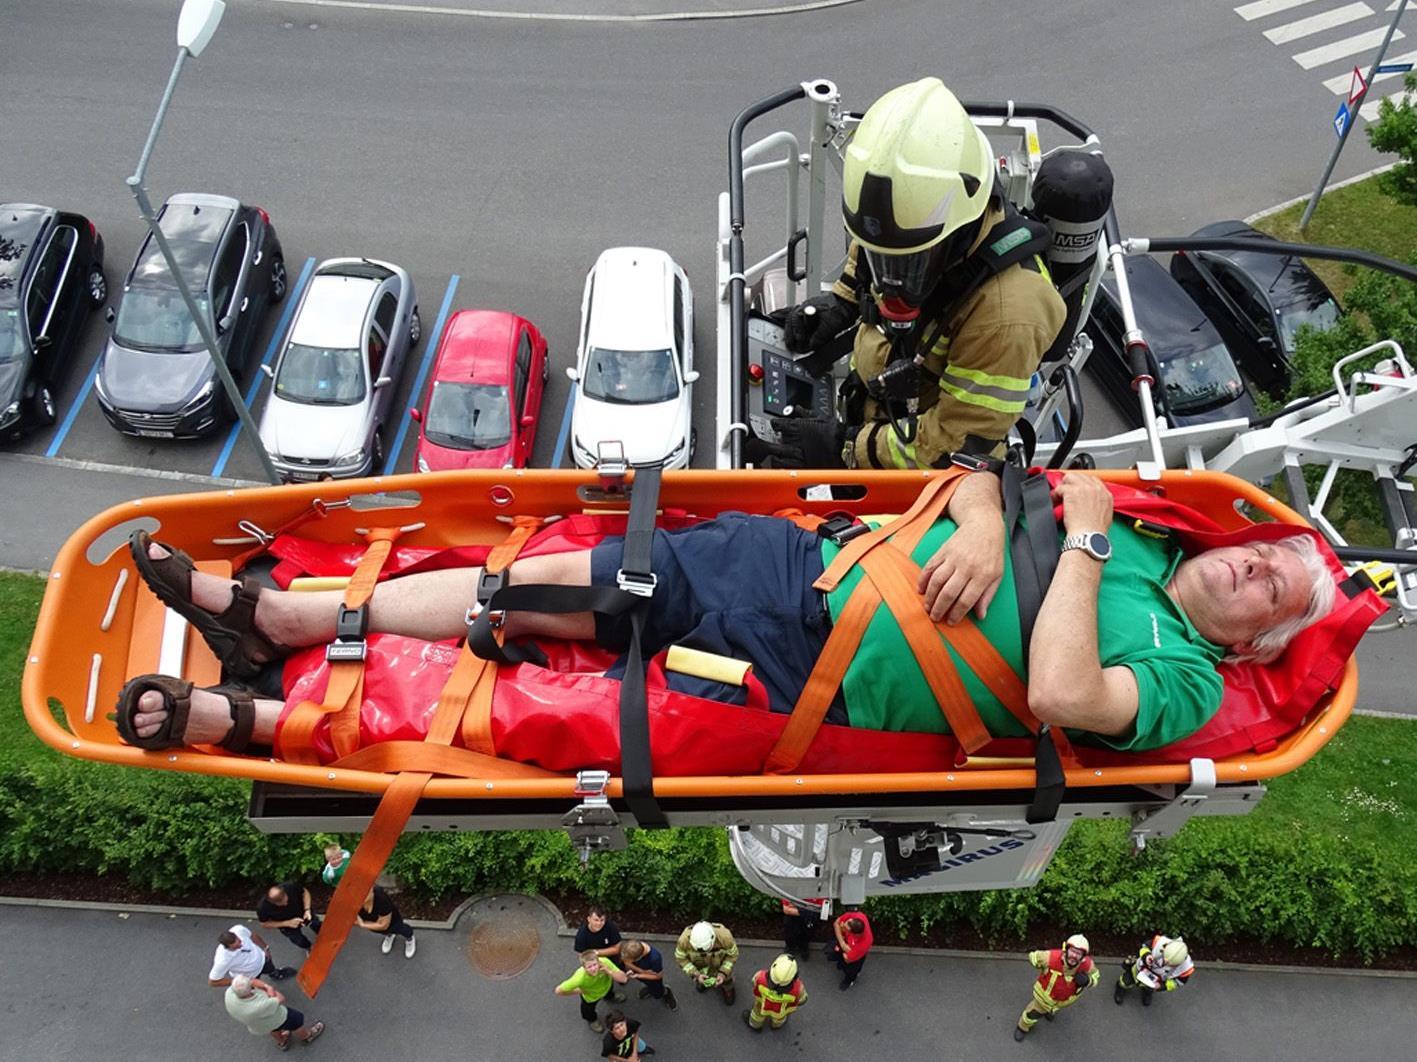 Die Bergung von Verletztenaus dem Emser Landeskrankenhaus  erfolgte auch mit der Drehleiter.